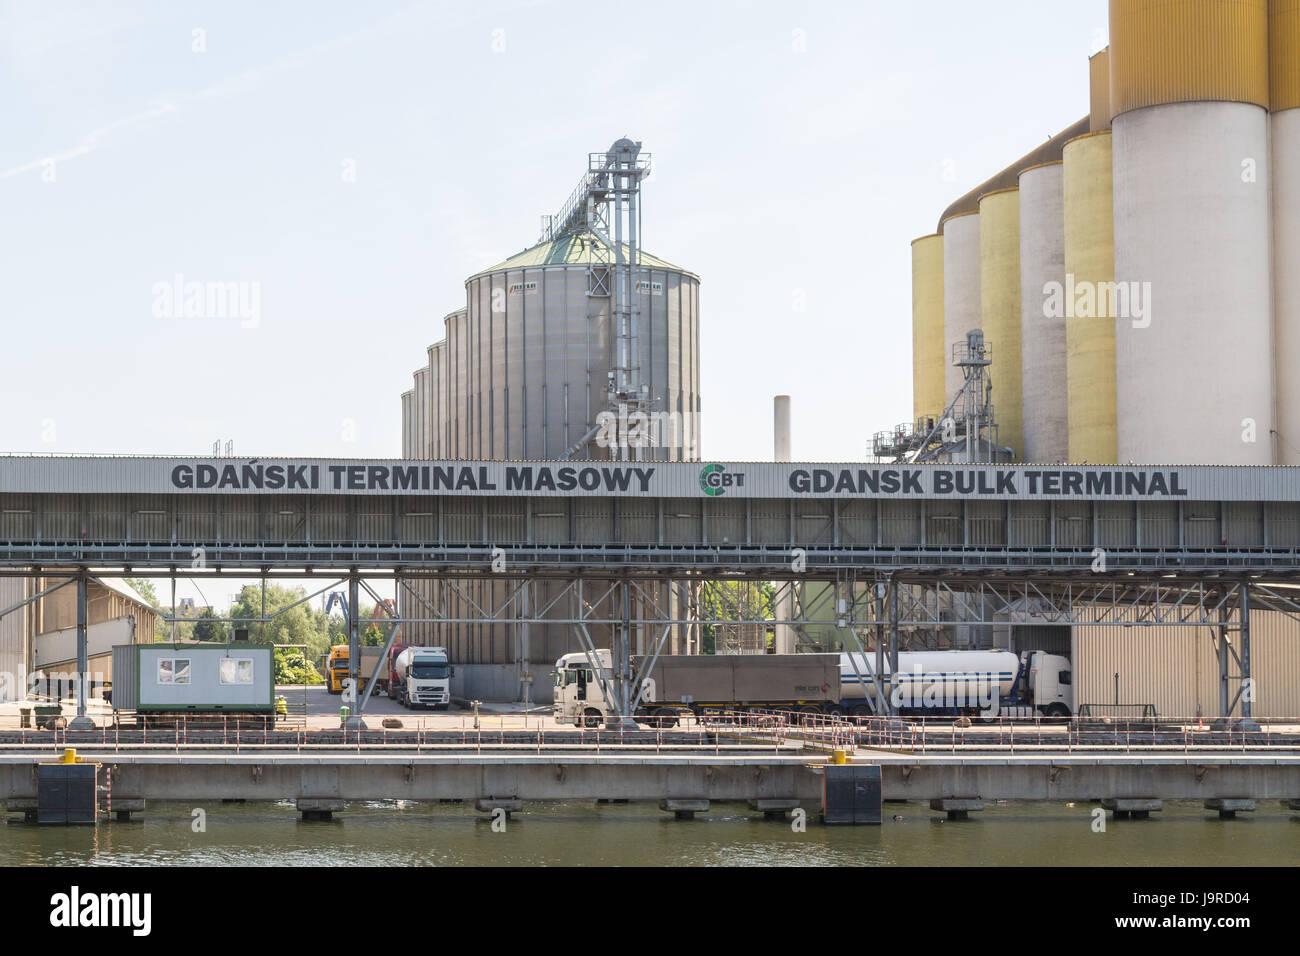 Gdansk Bulk Terminal, Bytomskie Quay, Poart of Gdansk, Poland - Stock Image